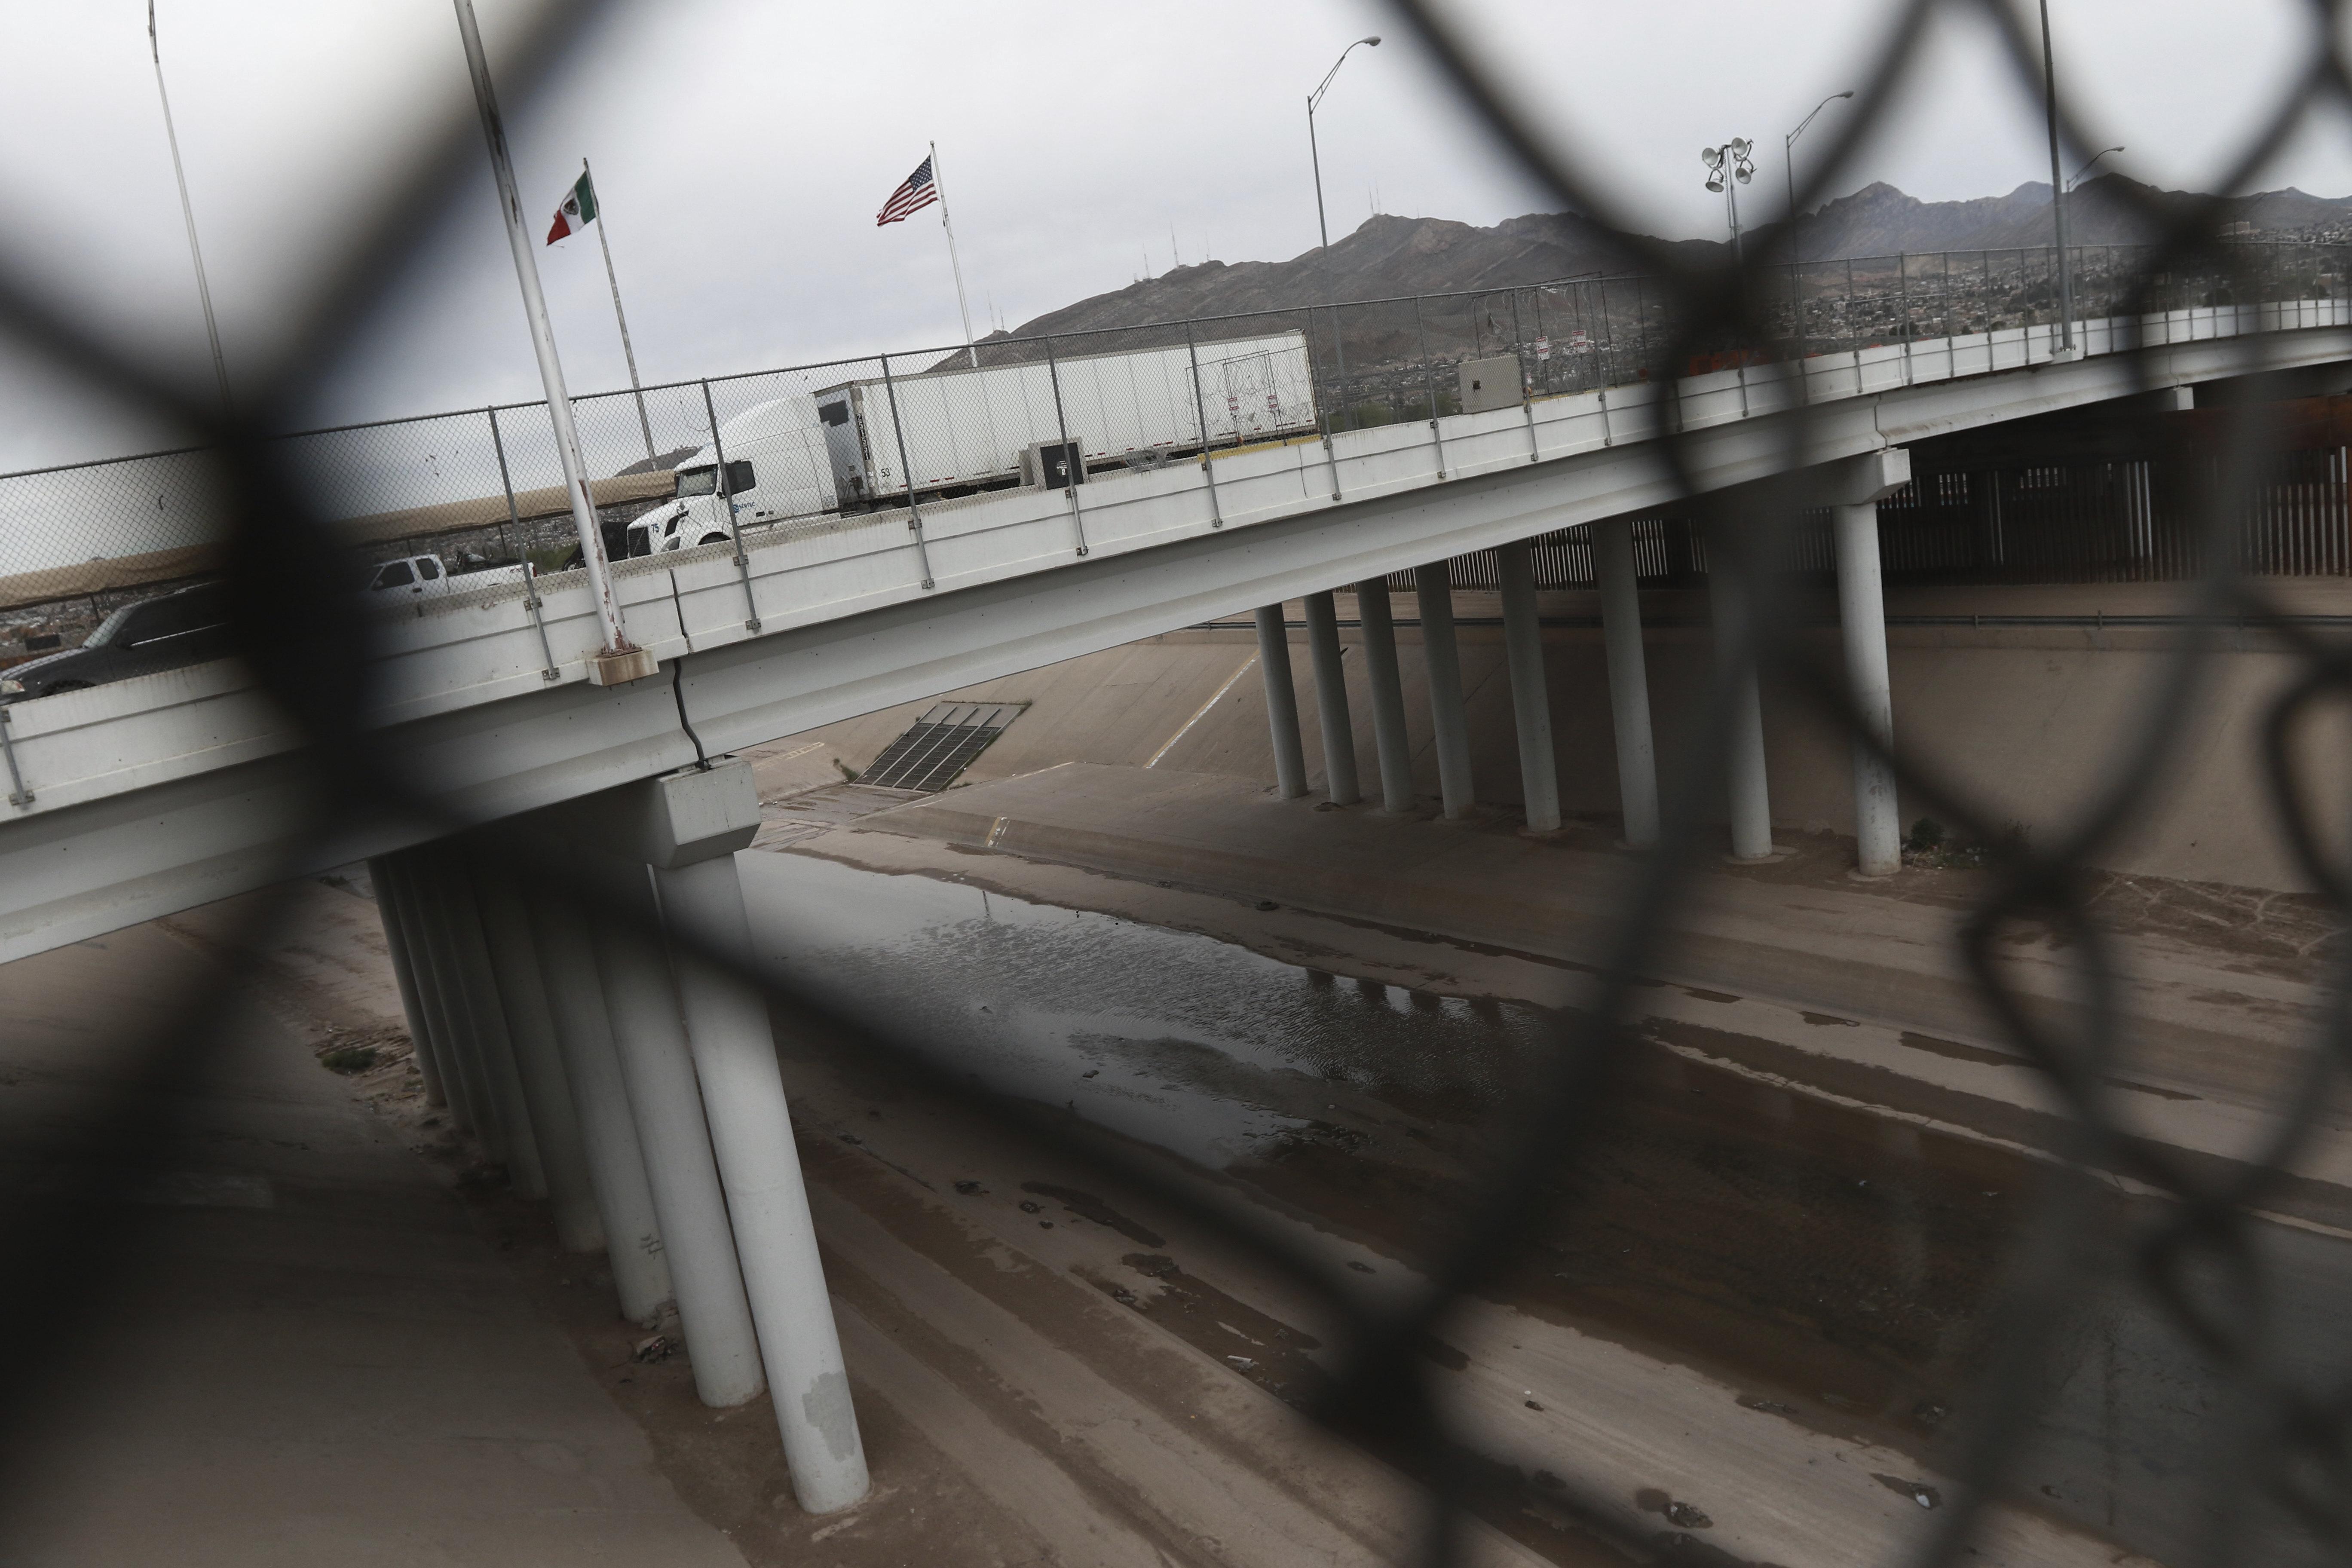 Los conductores esperan para ingresar a México en un puente internacional en la frontera entre Estados Unidos y México que une Ciudad Juárez y El Paso, el sábado 21 de marzo de 2020.